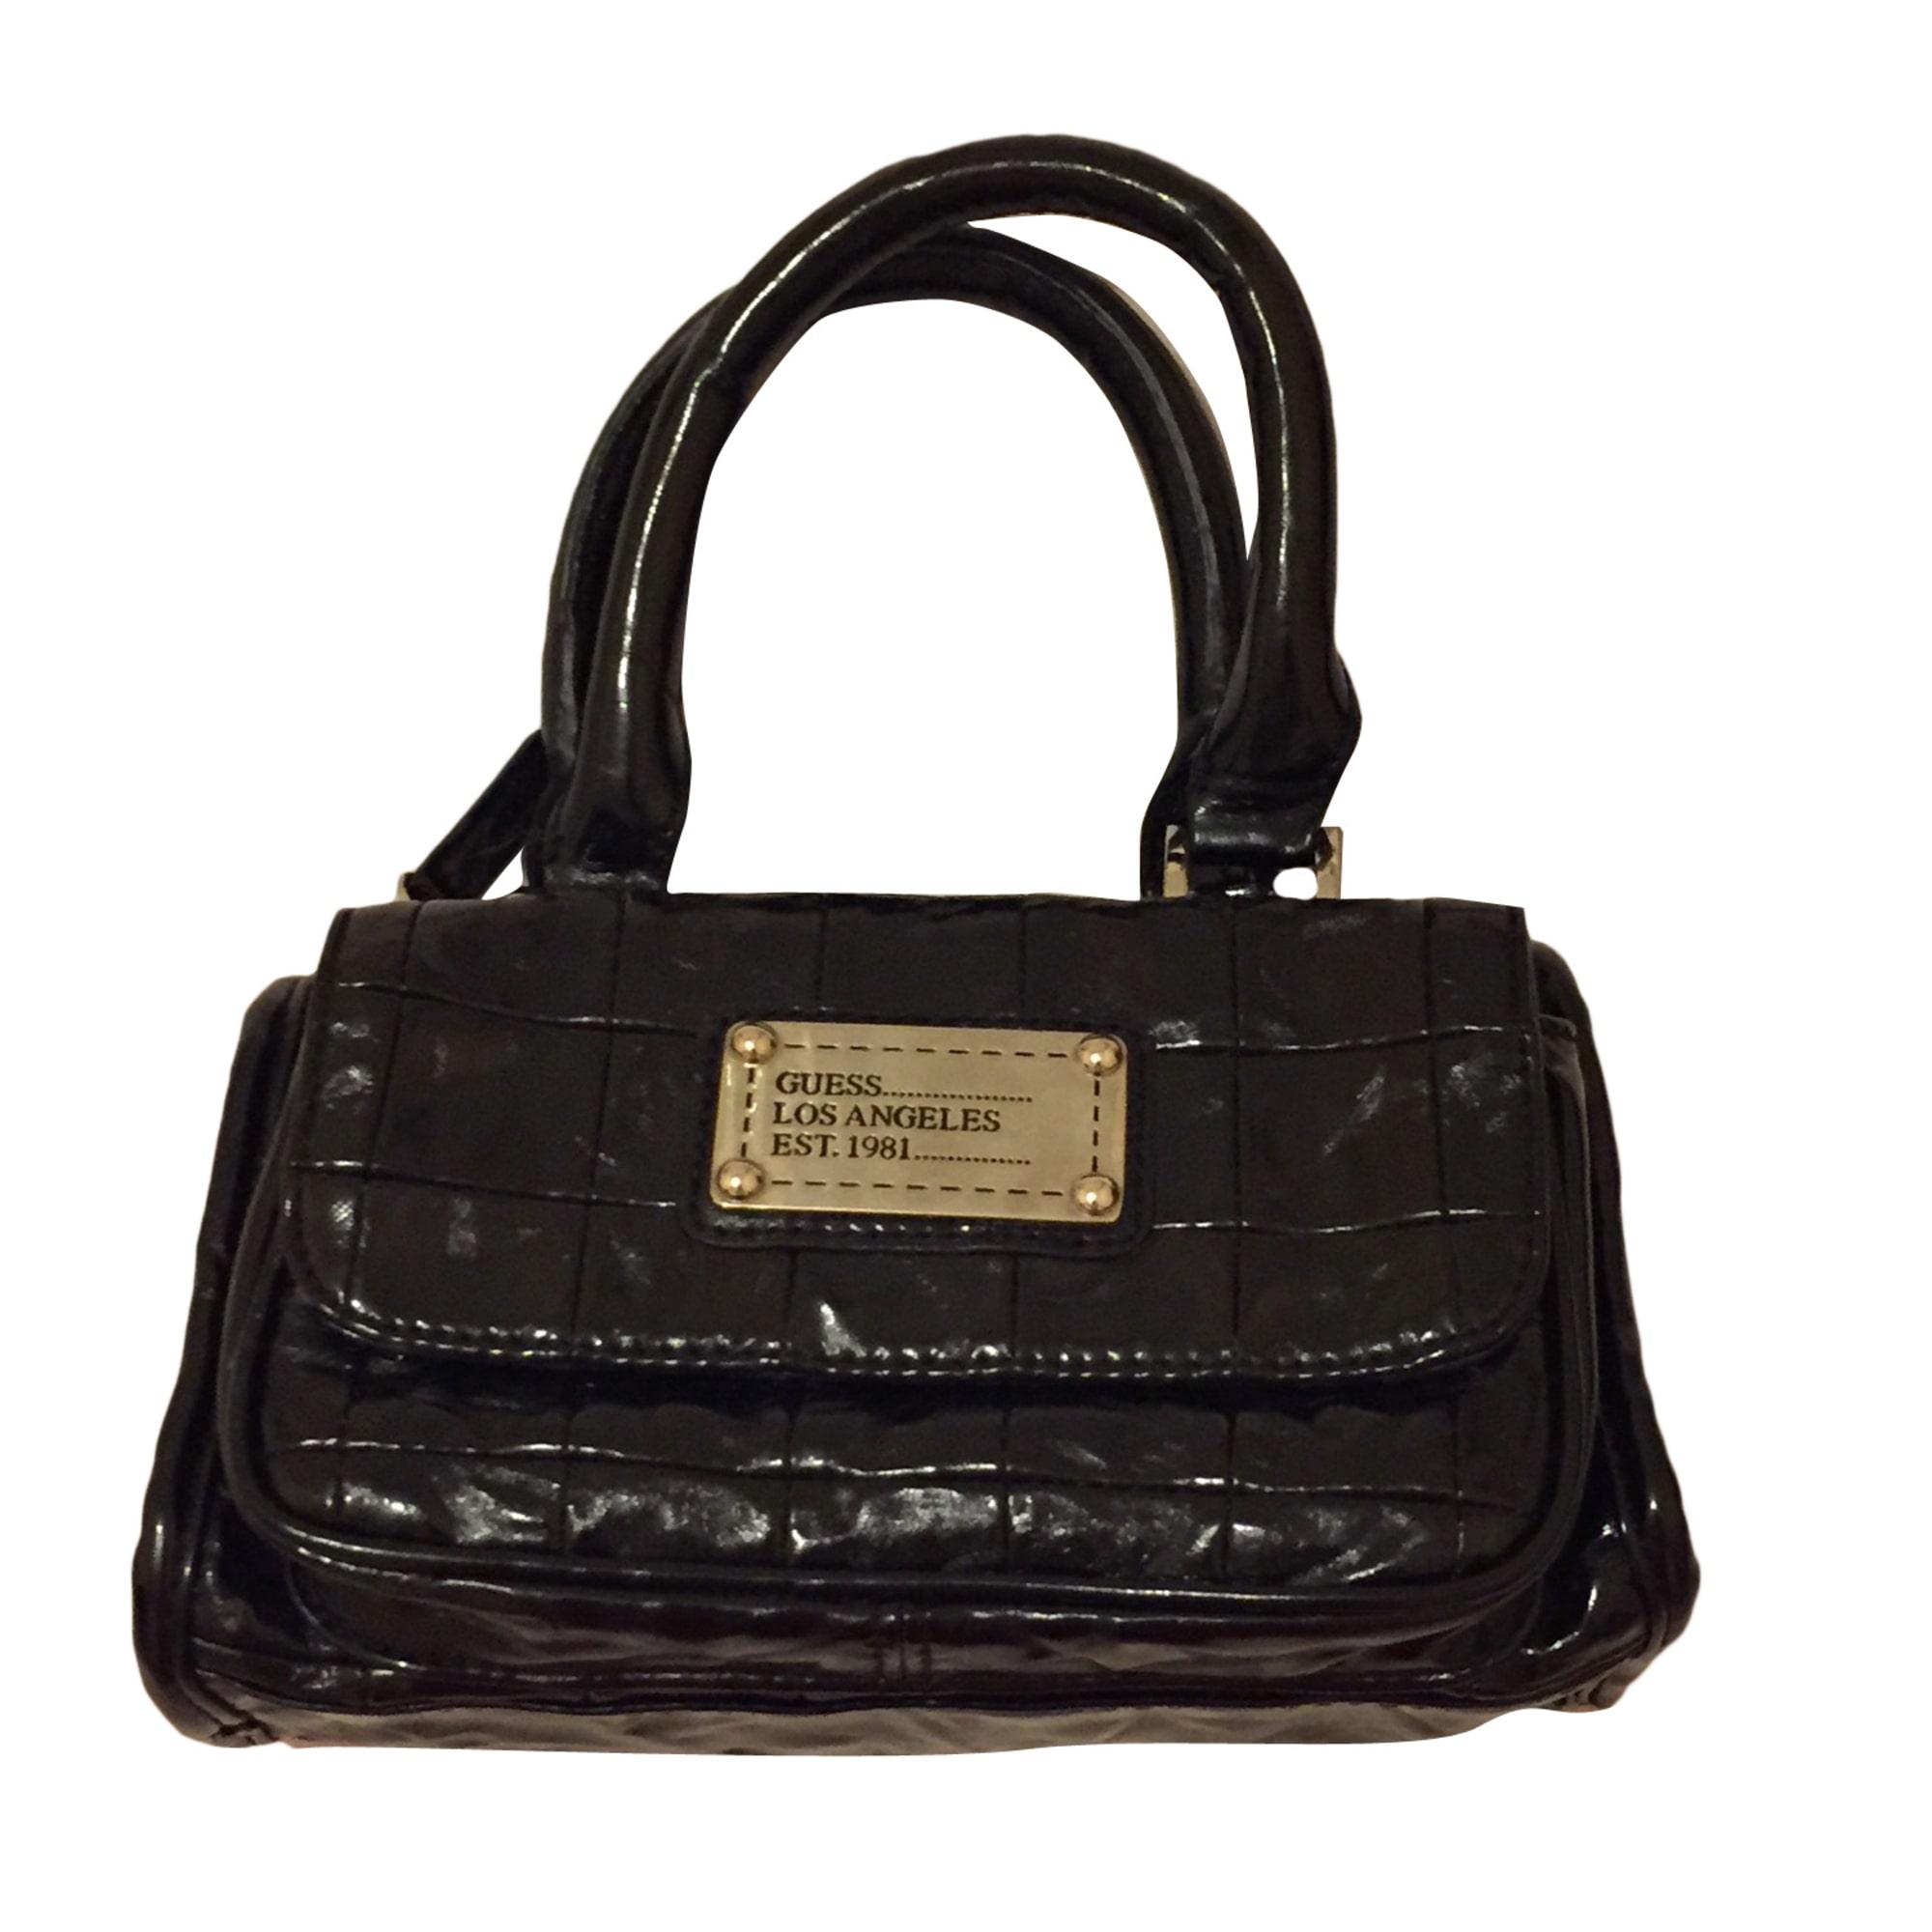 f1cf6f692e Sac pochette en cuir GUESS noir - 5256478